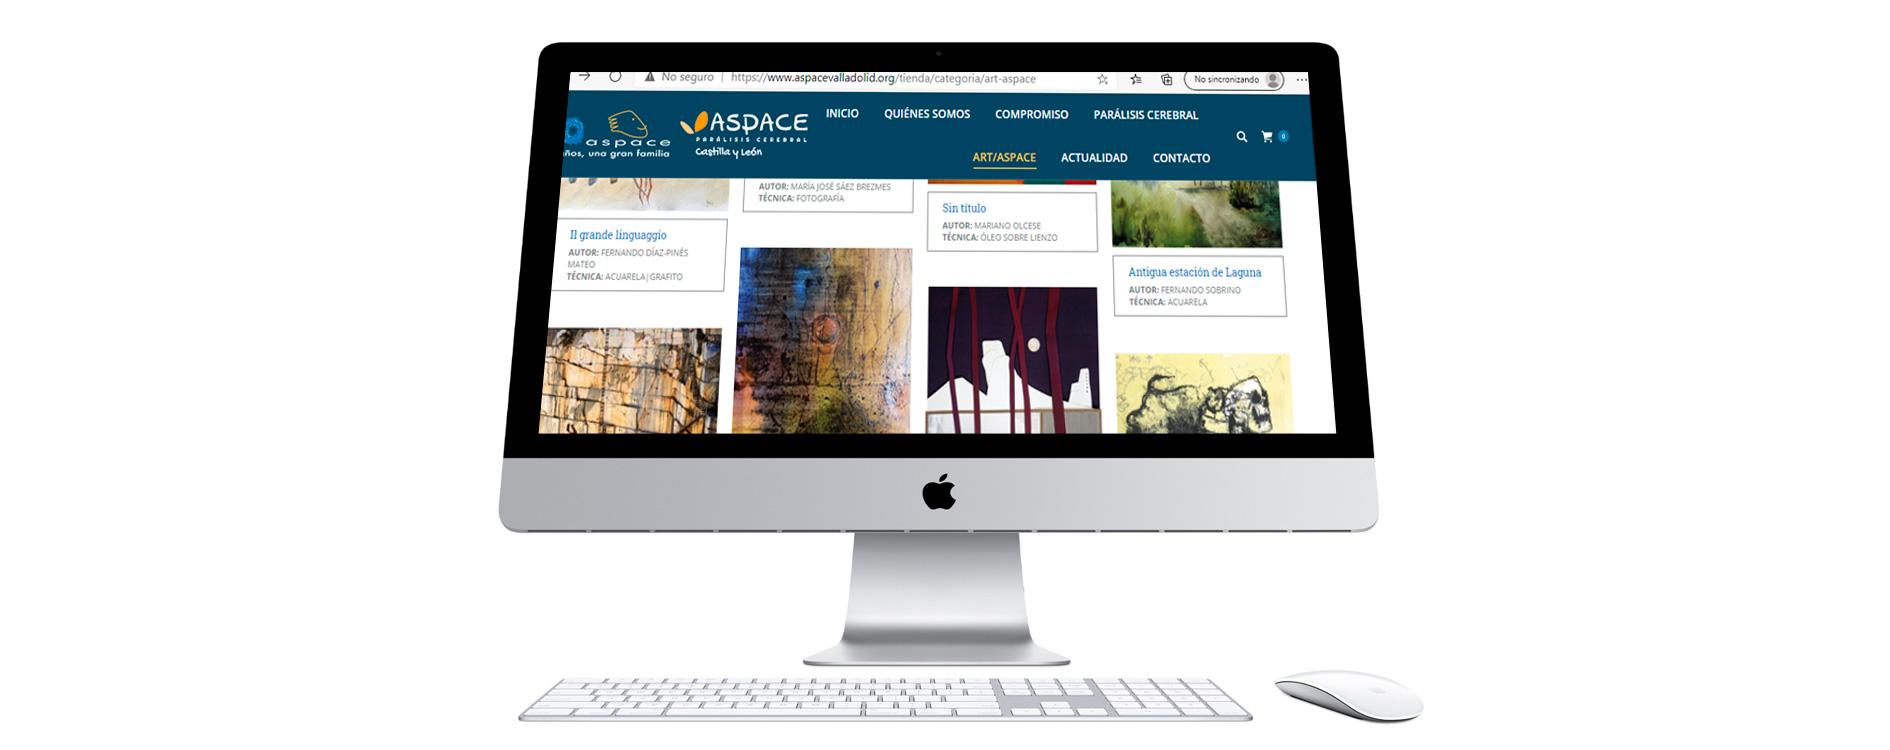 Exposición online de Aspace